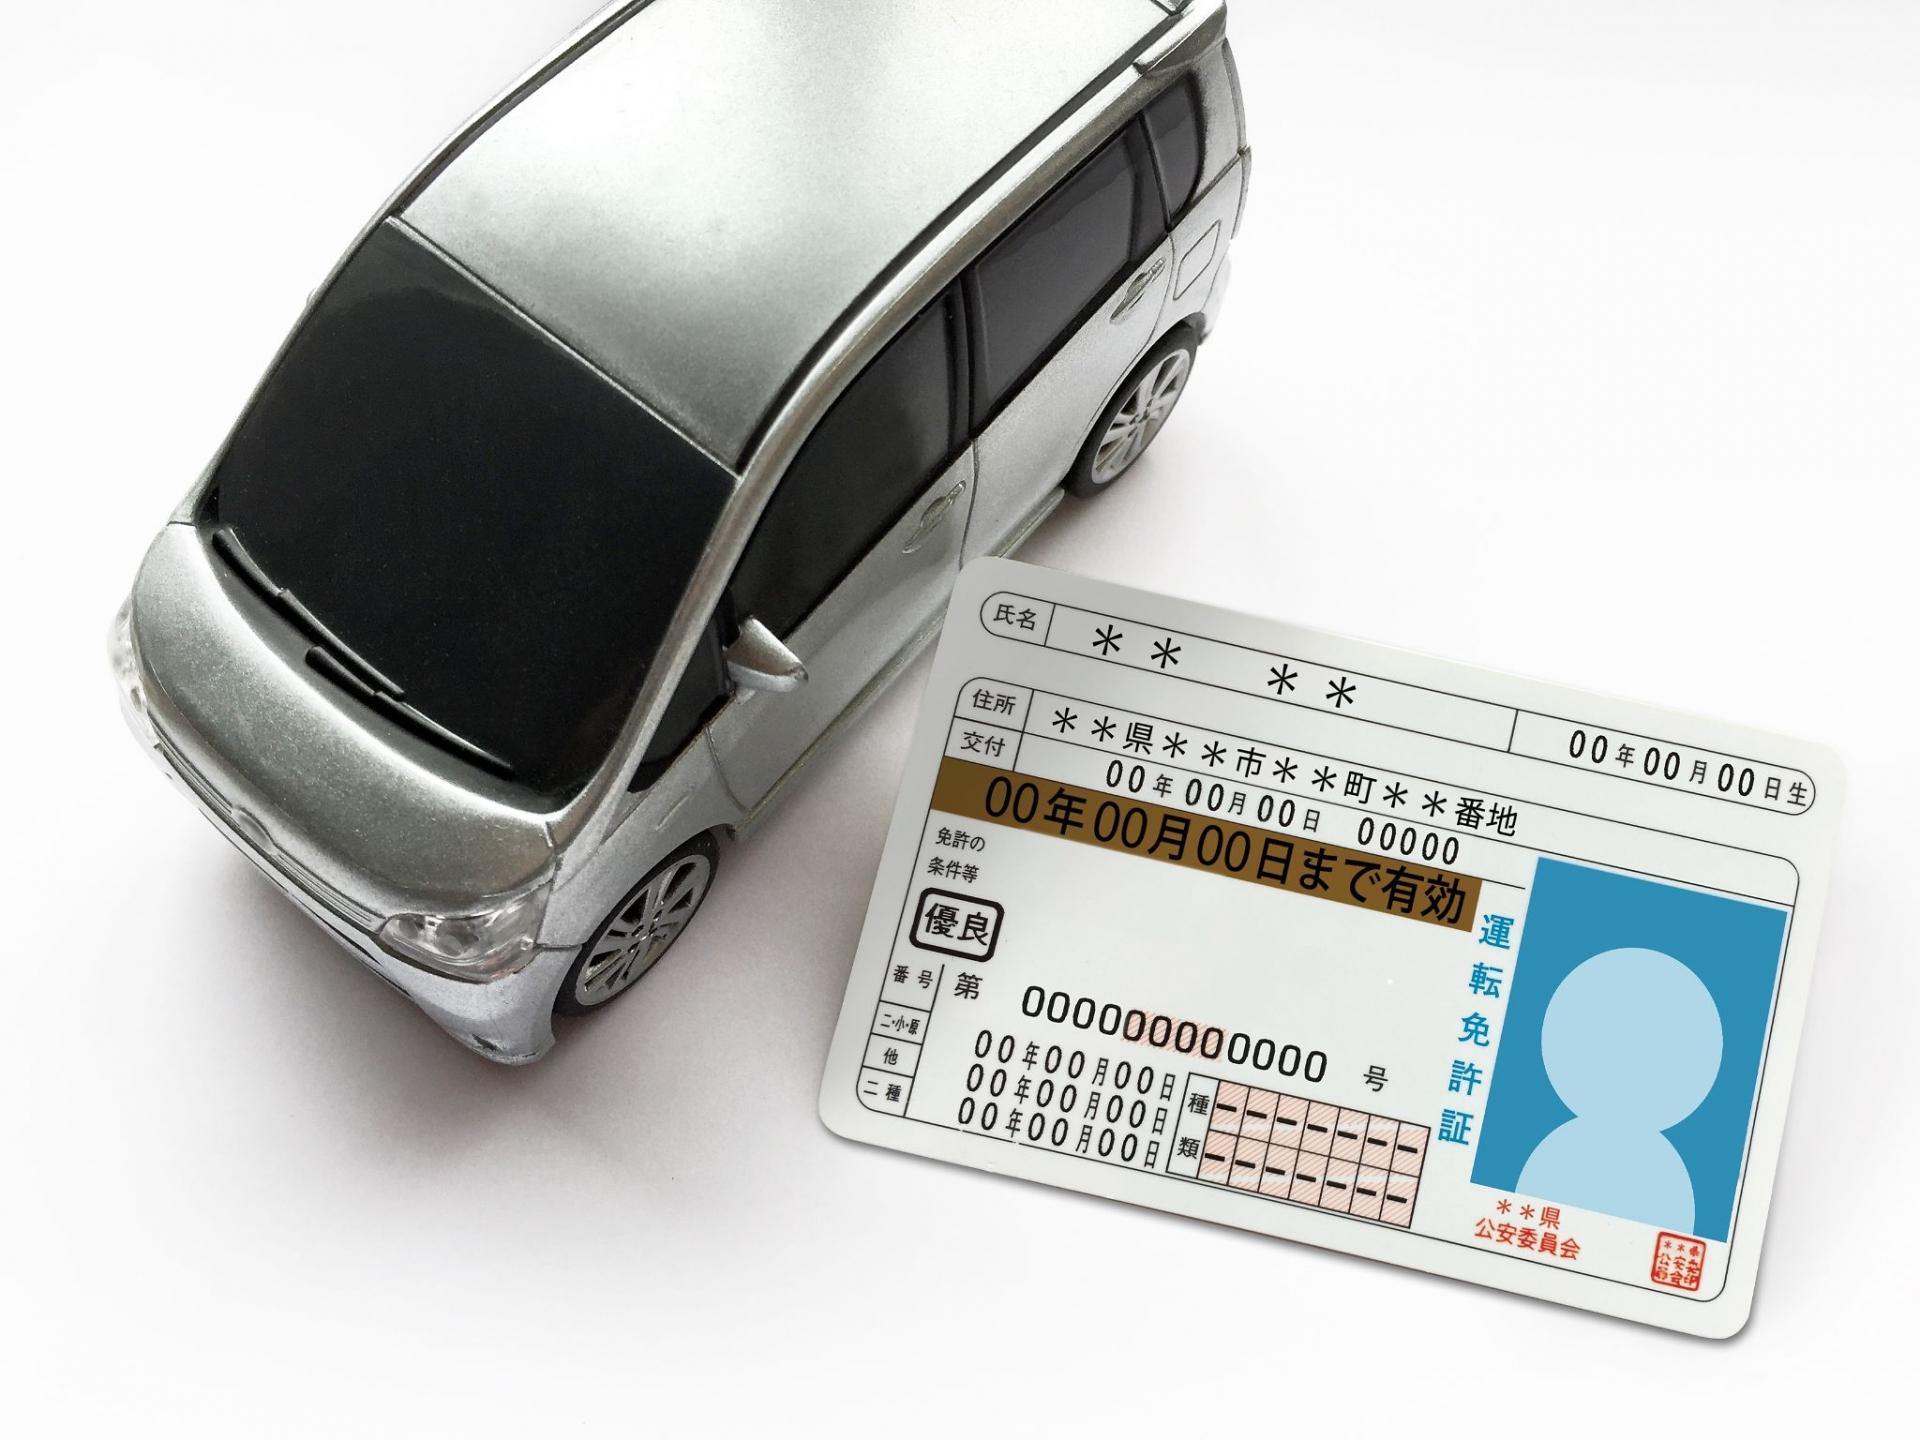 【運転免許の基礎知識】運転免許証の更新・住所変更はどうすればよい?紛失した場合の再発行方法とは?